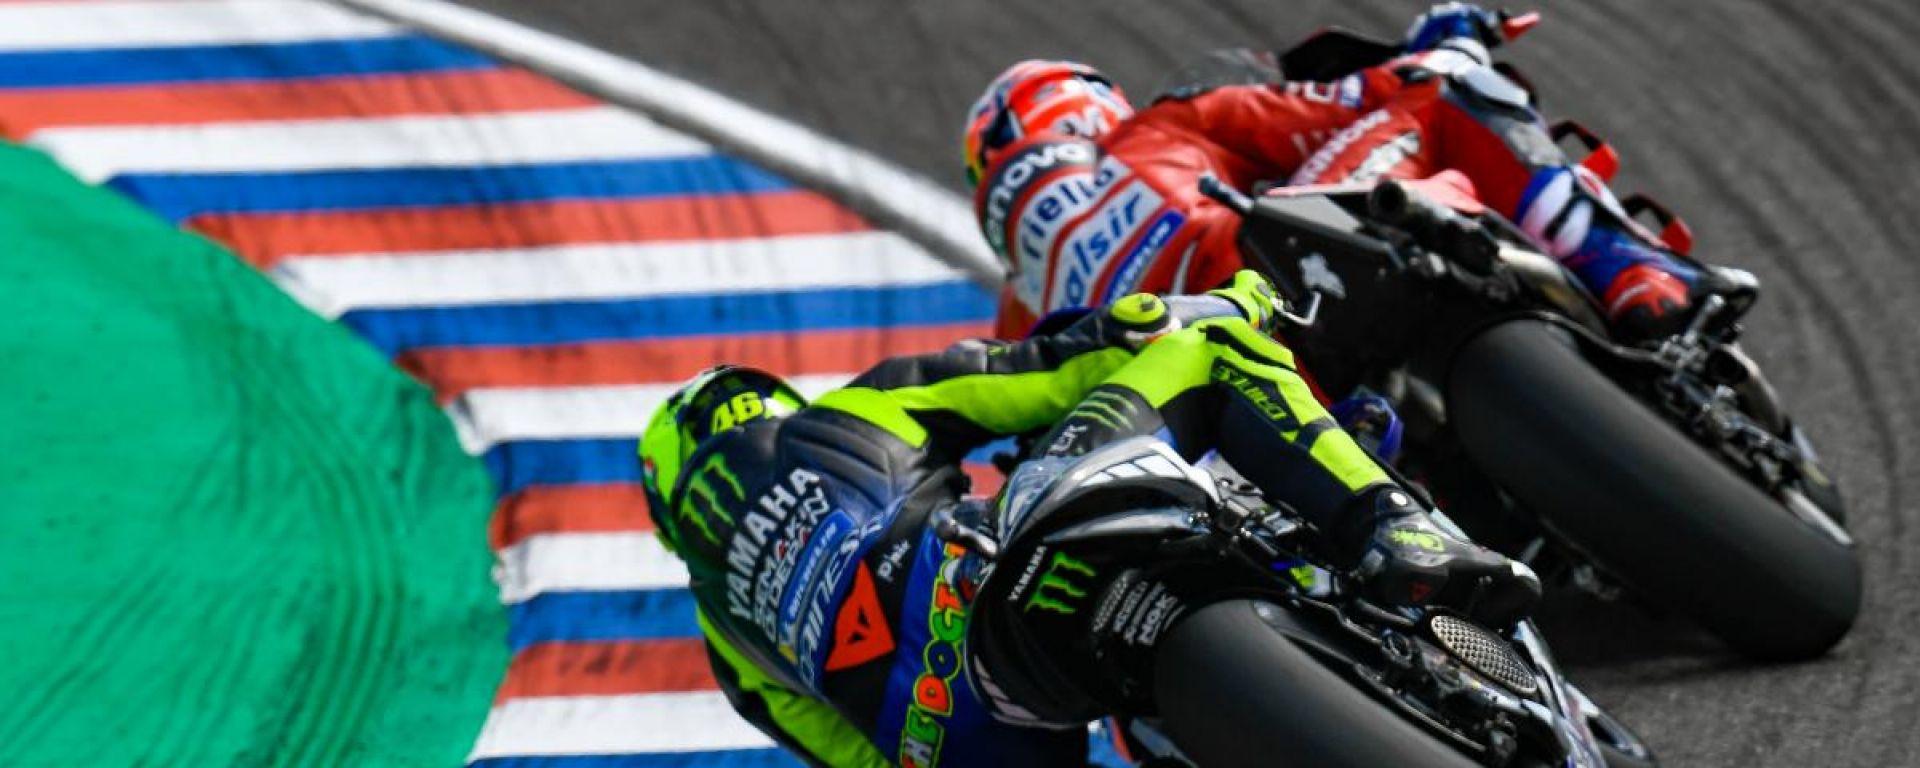 GP Argentina 2019, Termas: Valentino Rossi (Yamaha) e Andrea Dovizioso (Ducati)